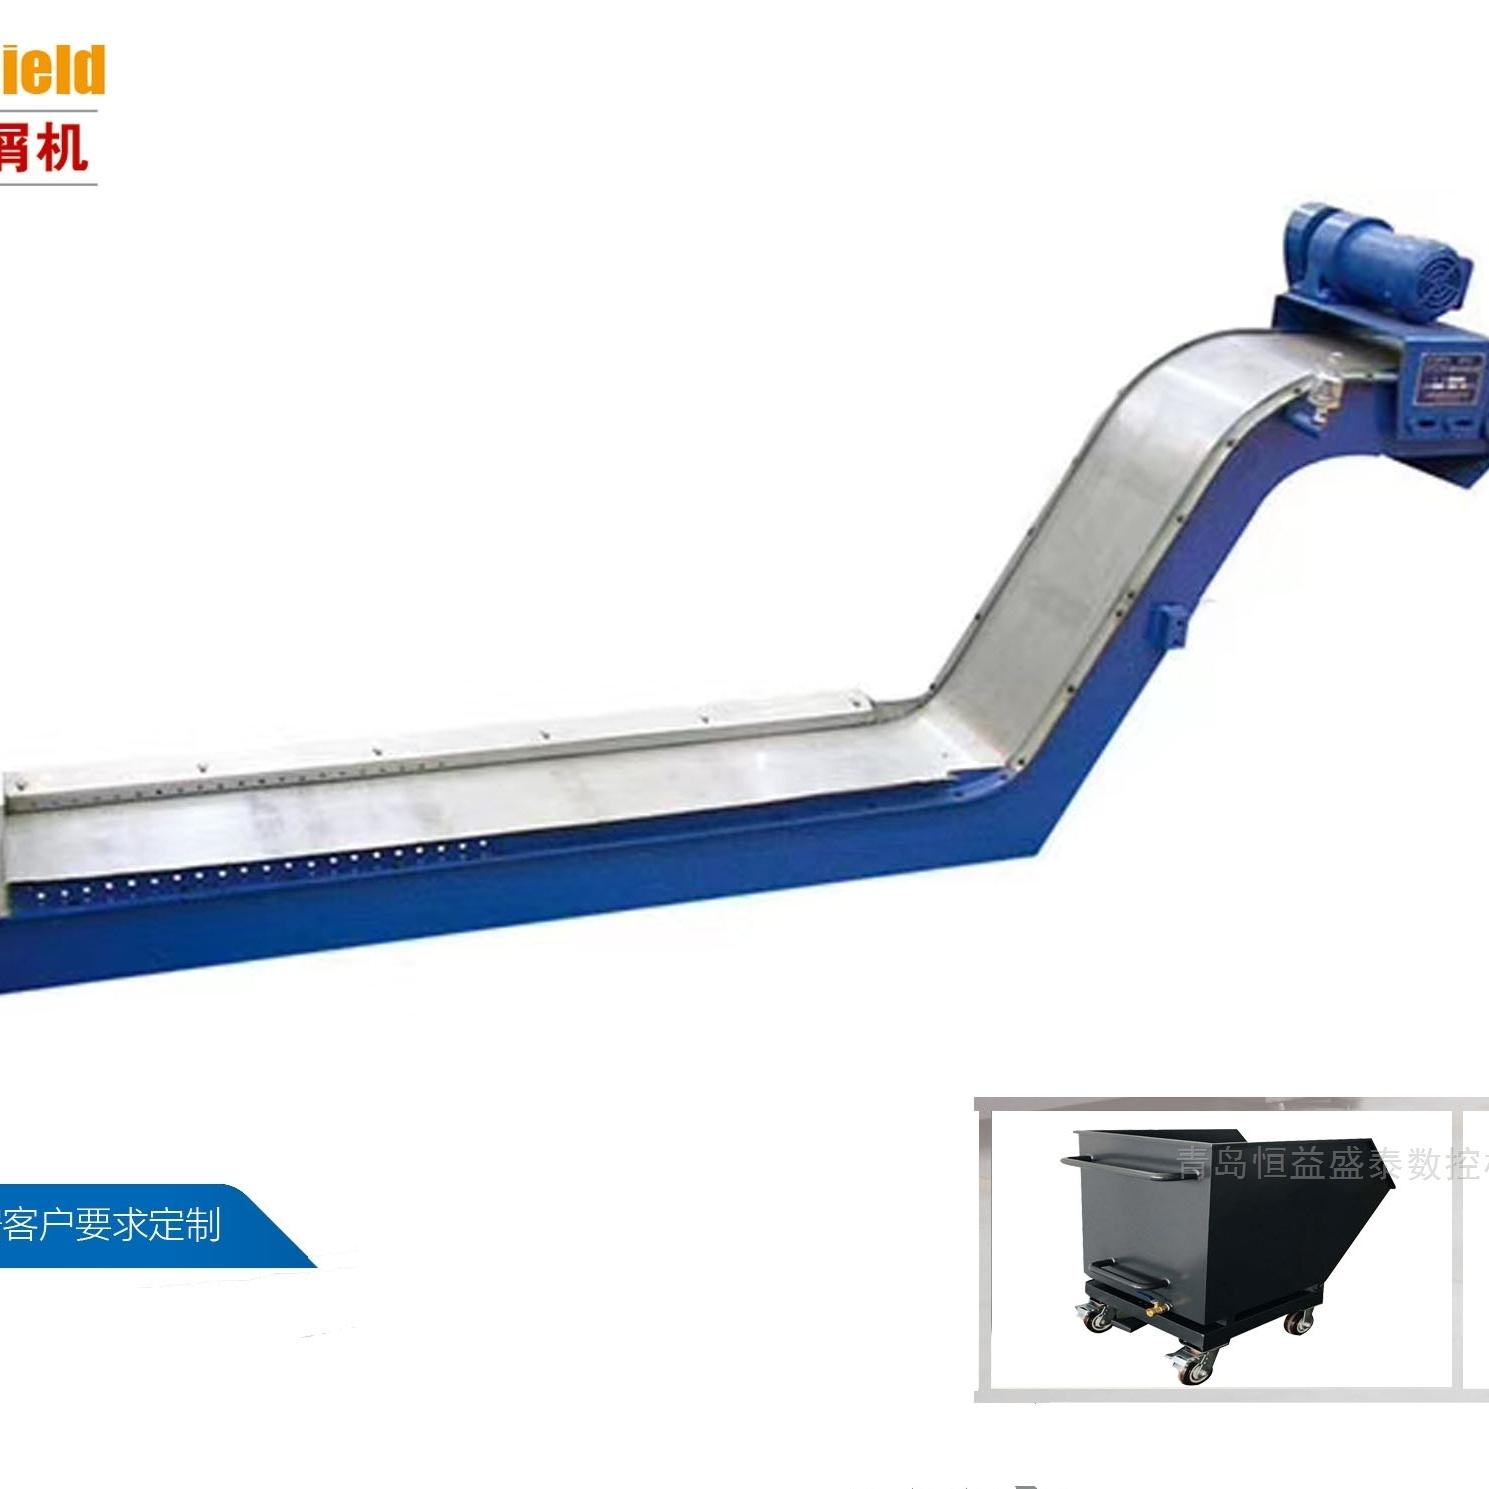 定做维修数控机床耐腐蚀永磁性排屑机